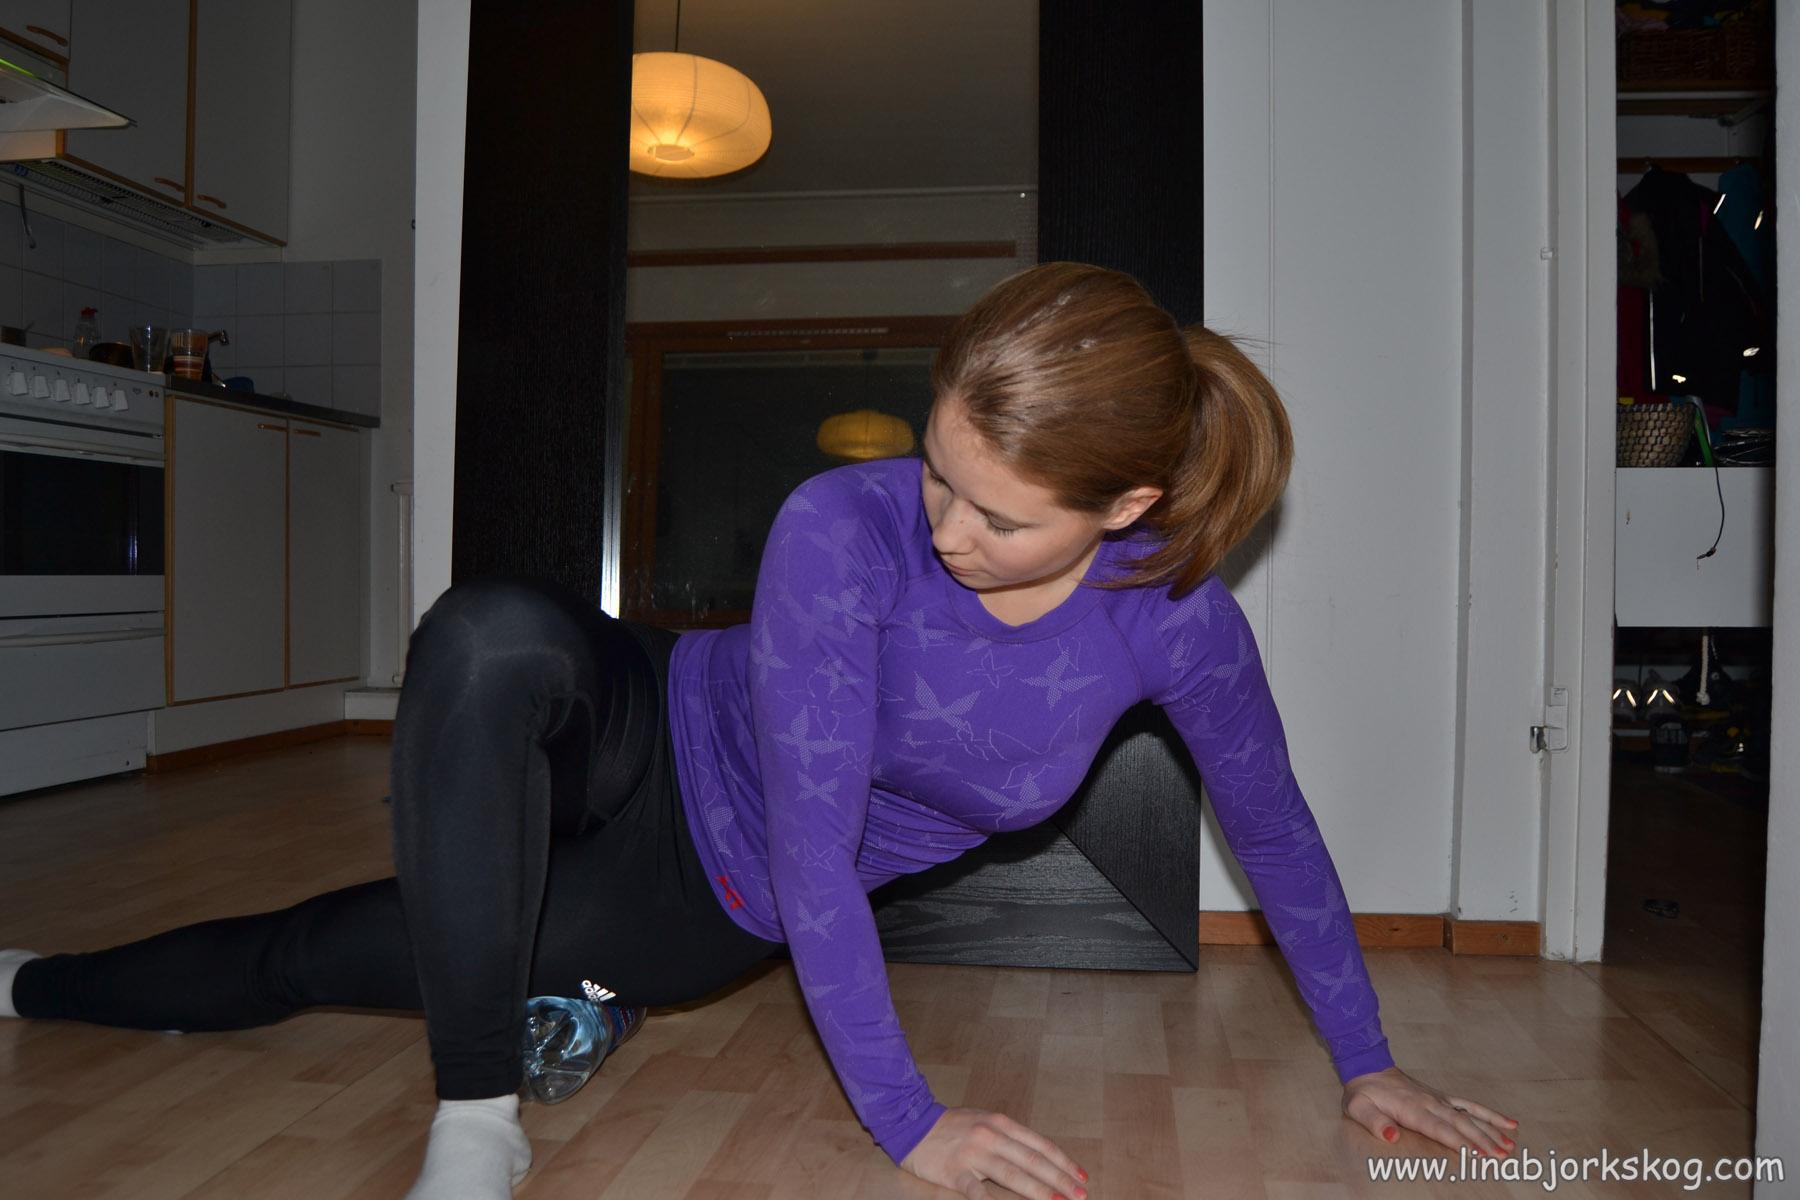 Träningstips för löparknä